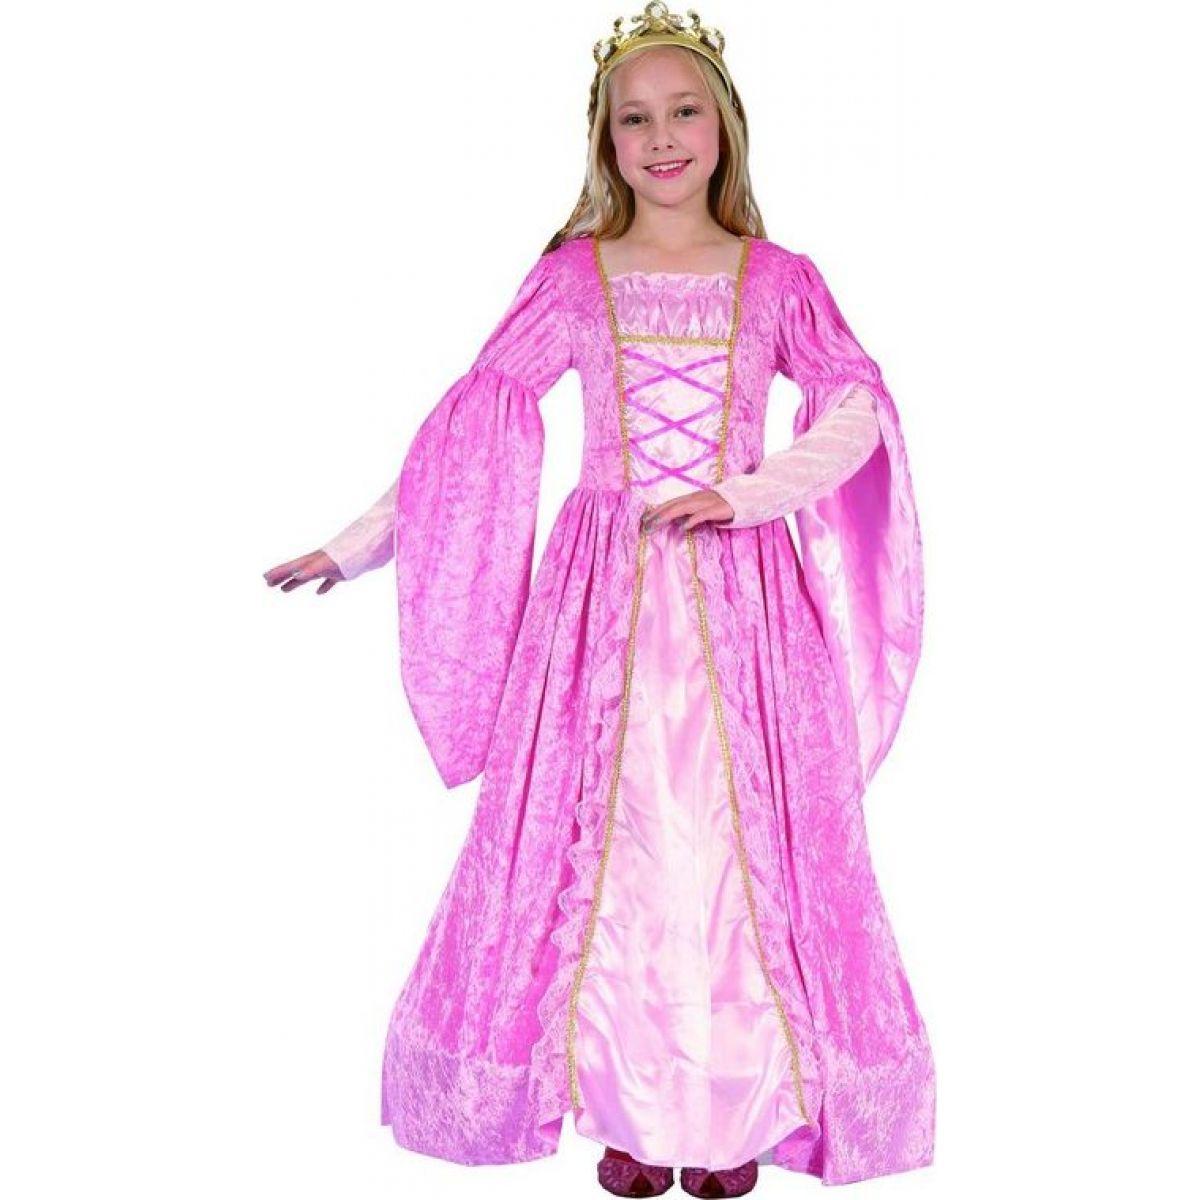 Dětský karnevalový kostým Princezna 130-140 cm